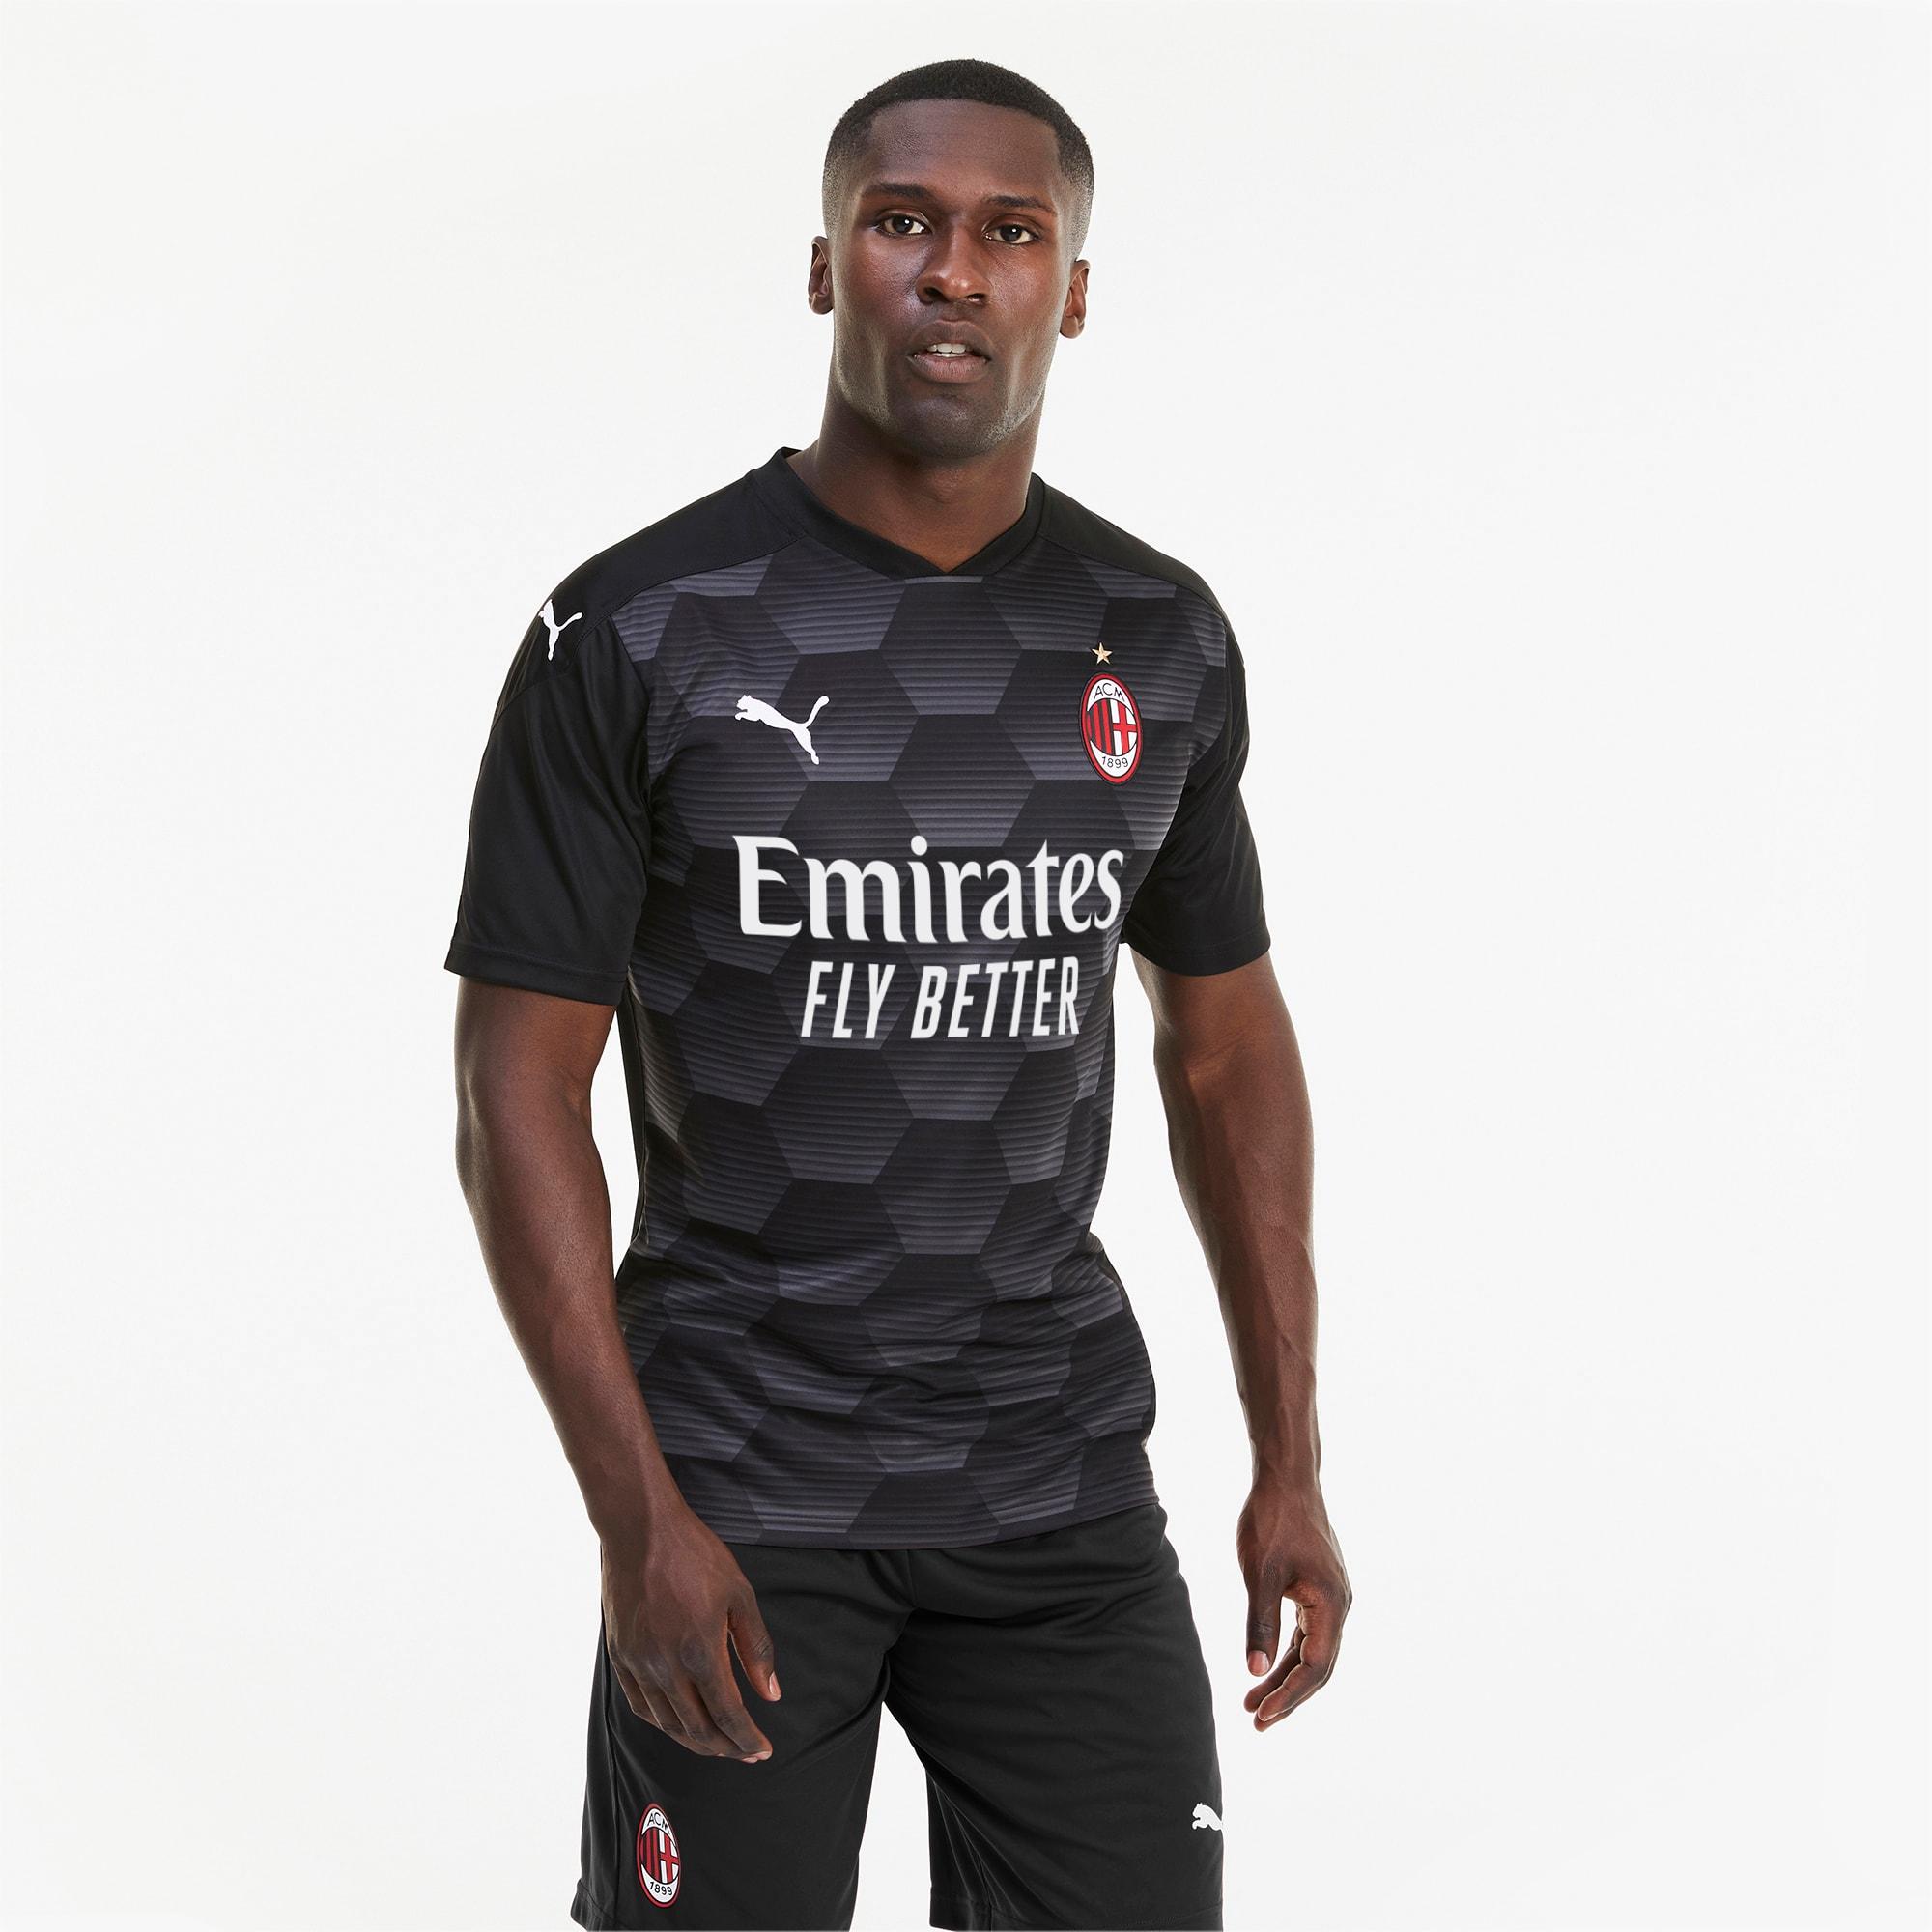 PUMA AC Milan Replica Herren Torwarttrikot   Mit Aucun   Schwarz   Größe: XXL